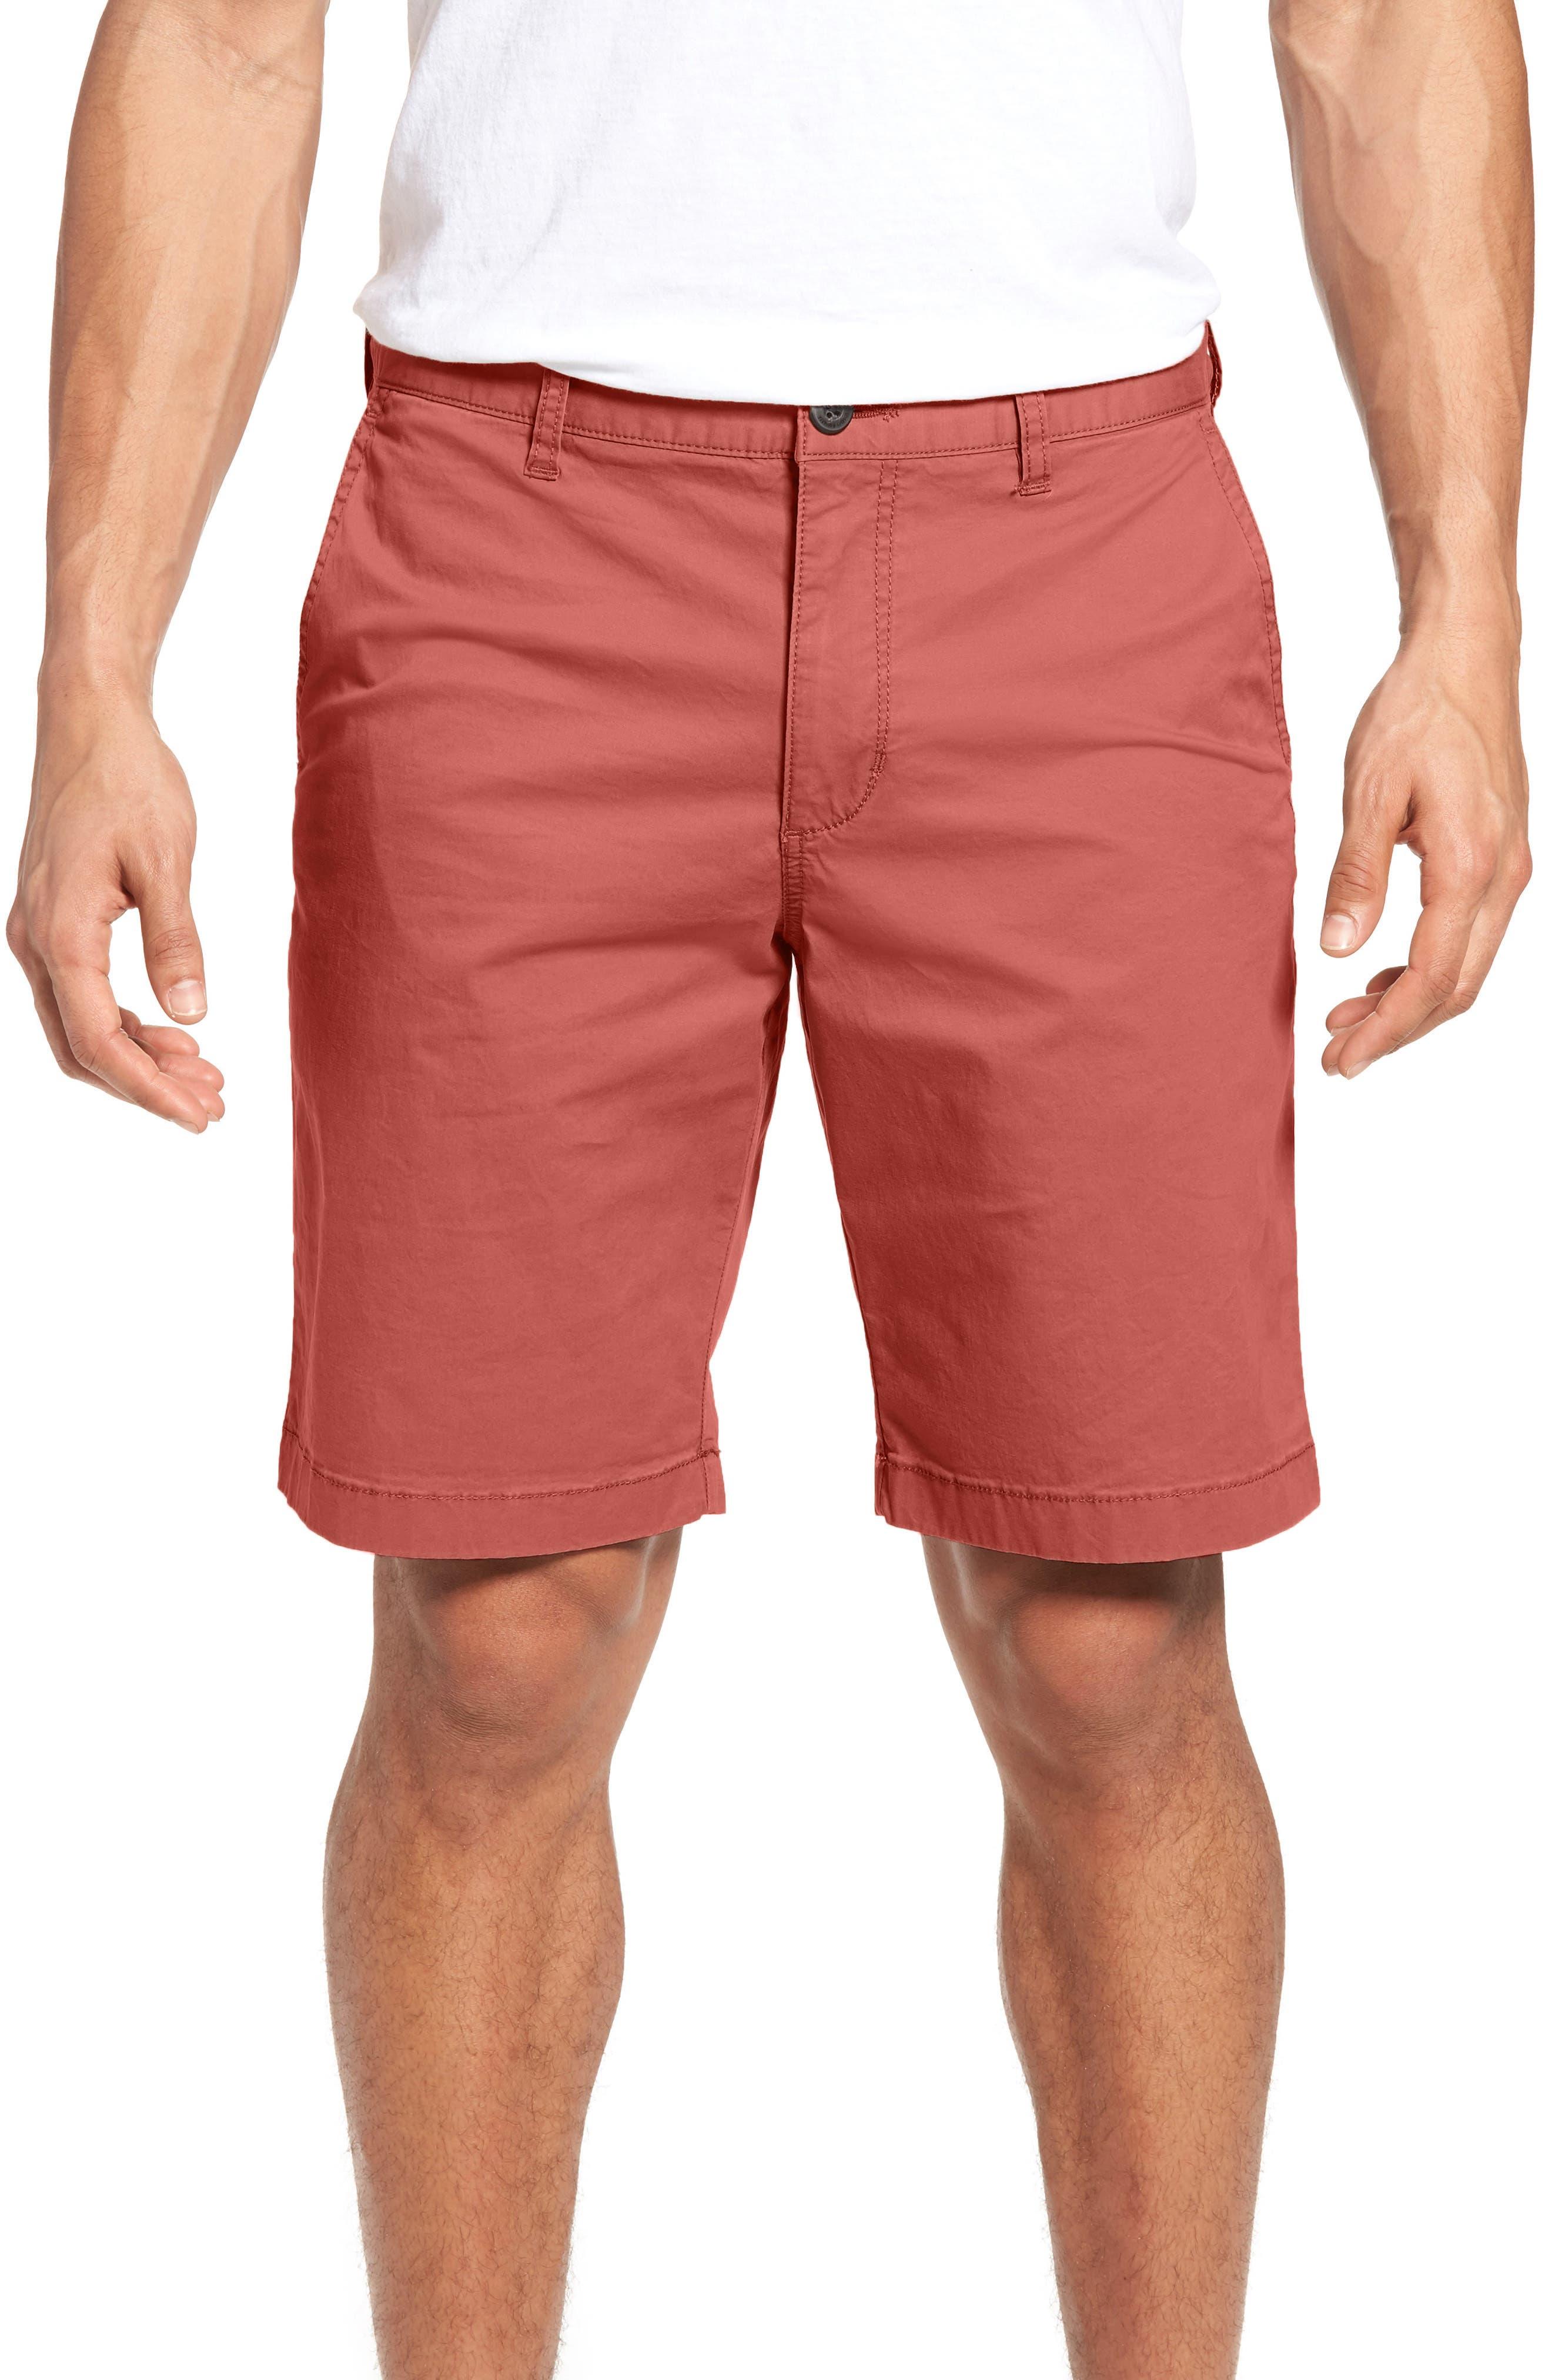 Sail Away Shorts,                             Main thumbnail 6, color,